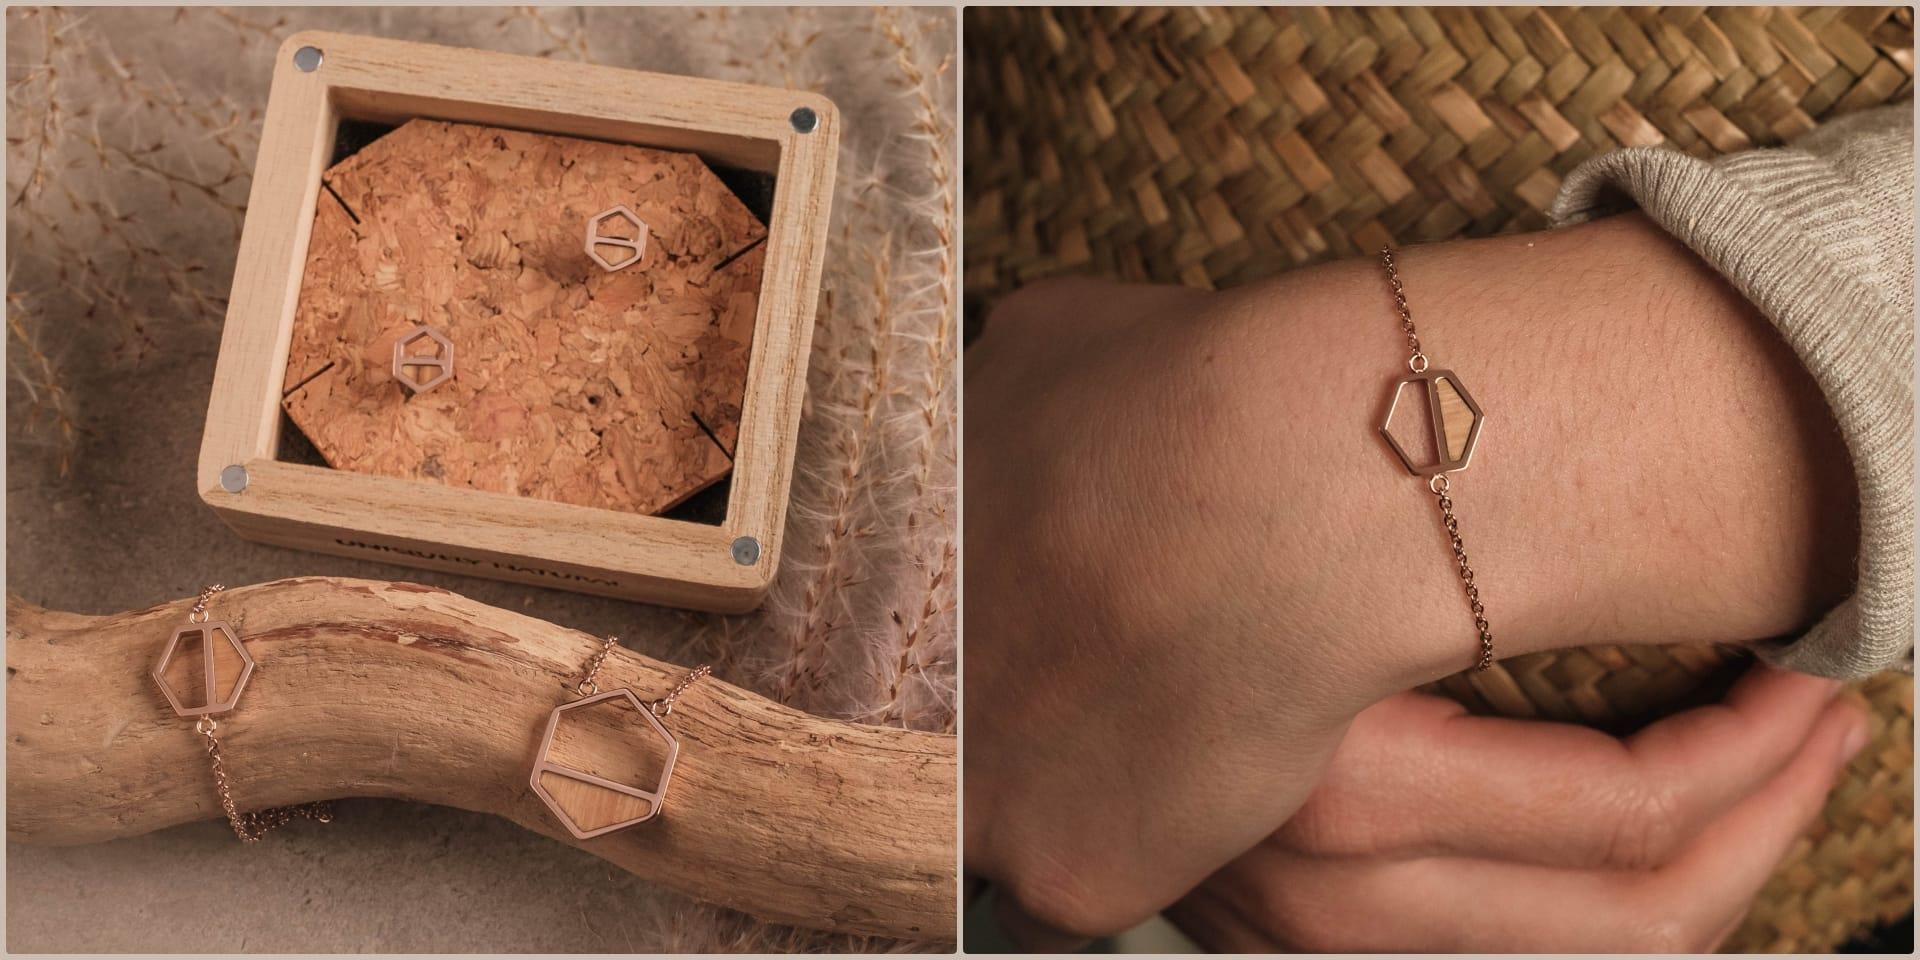 Bracelet Assemblage